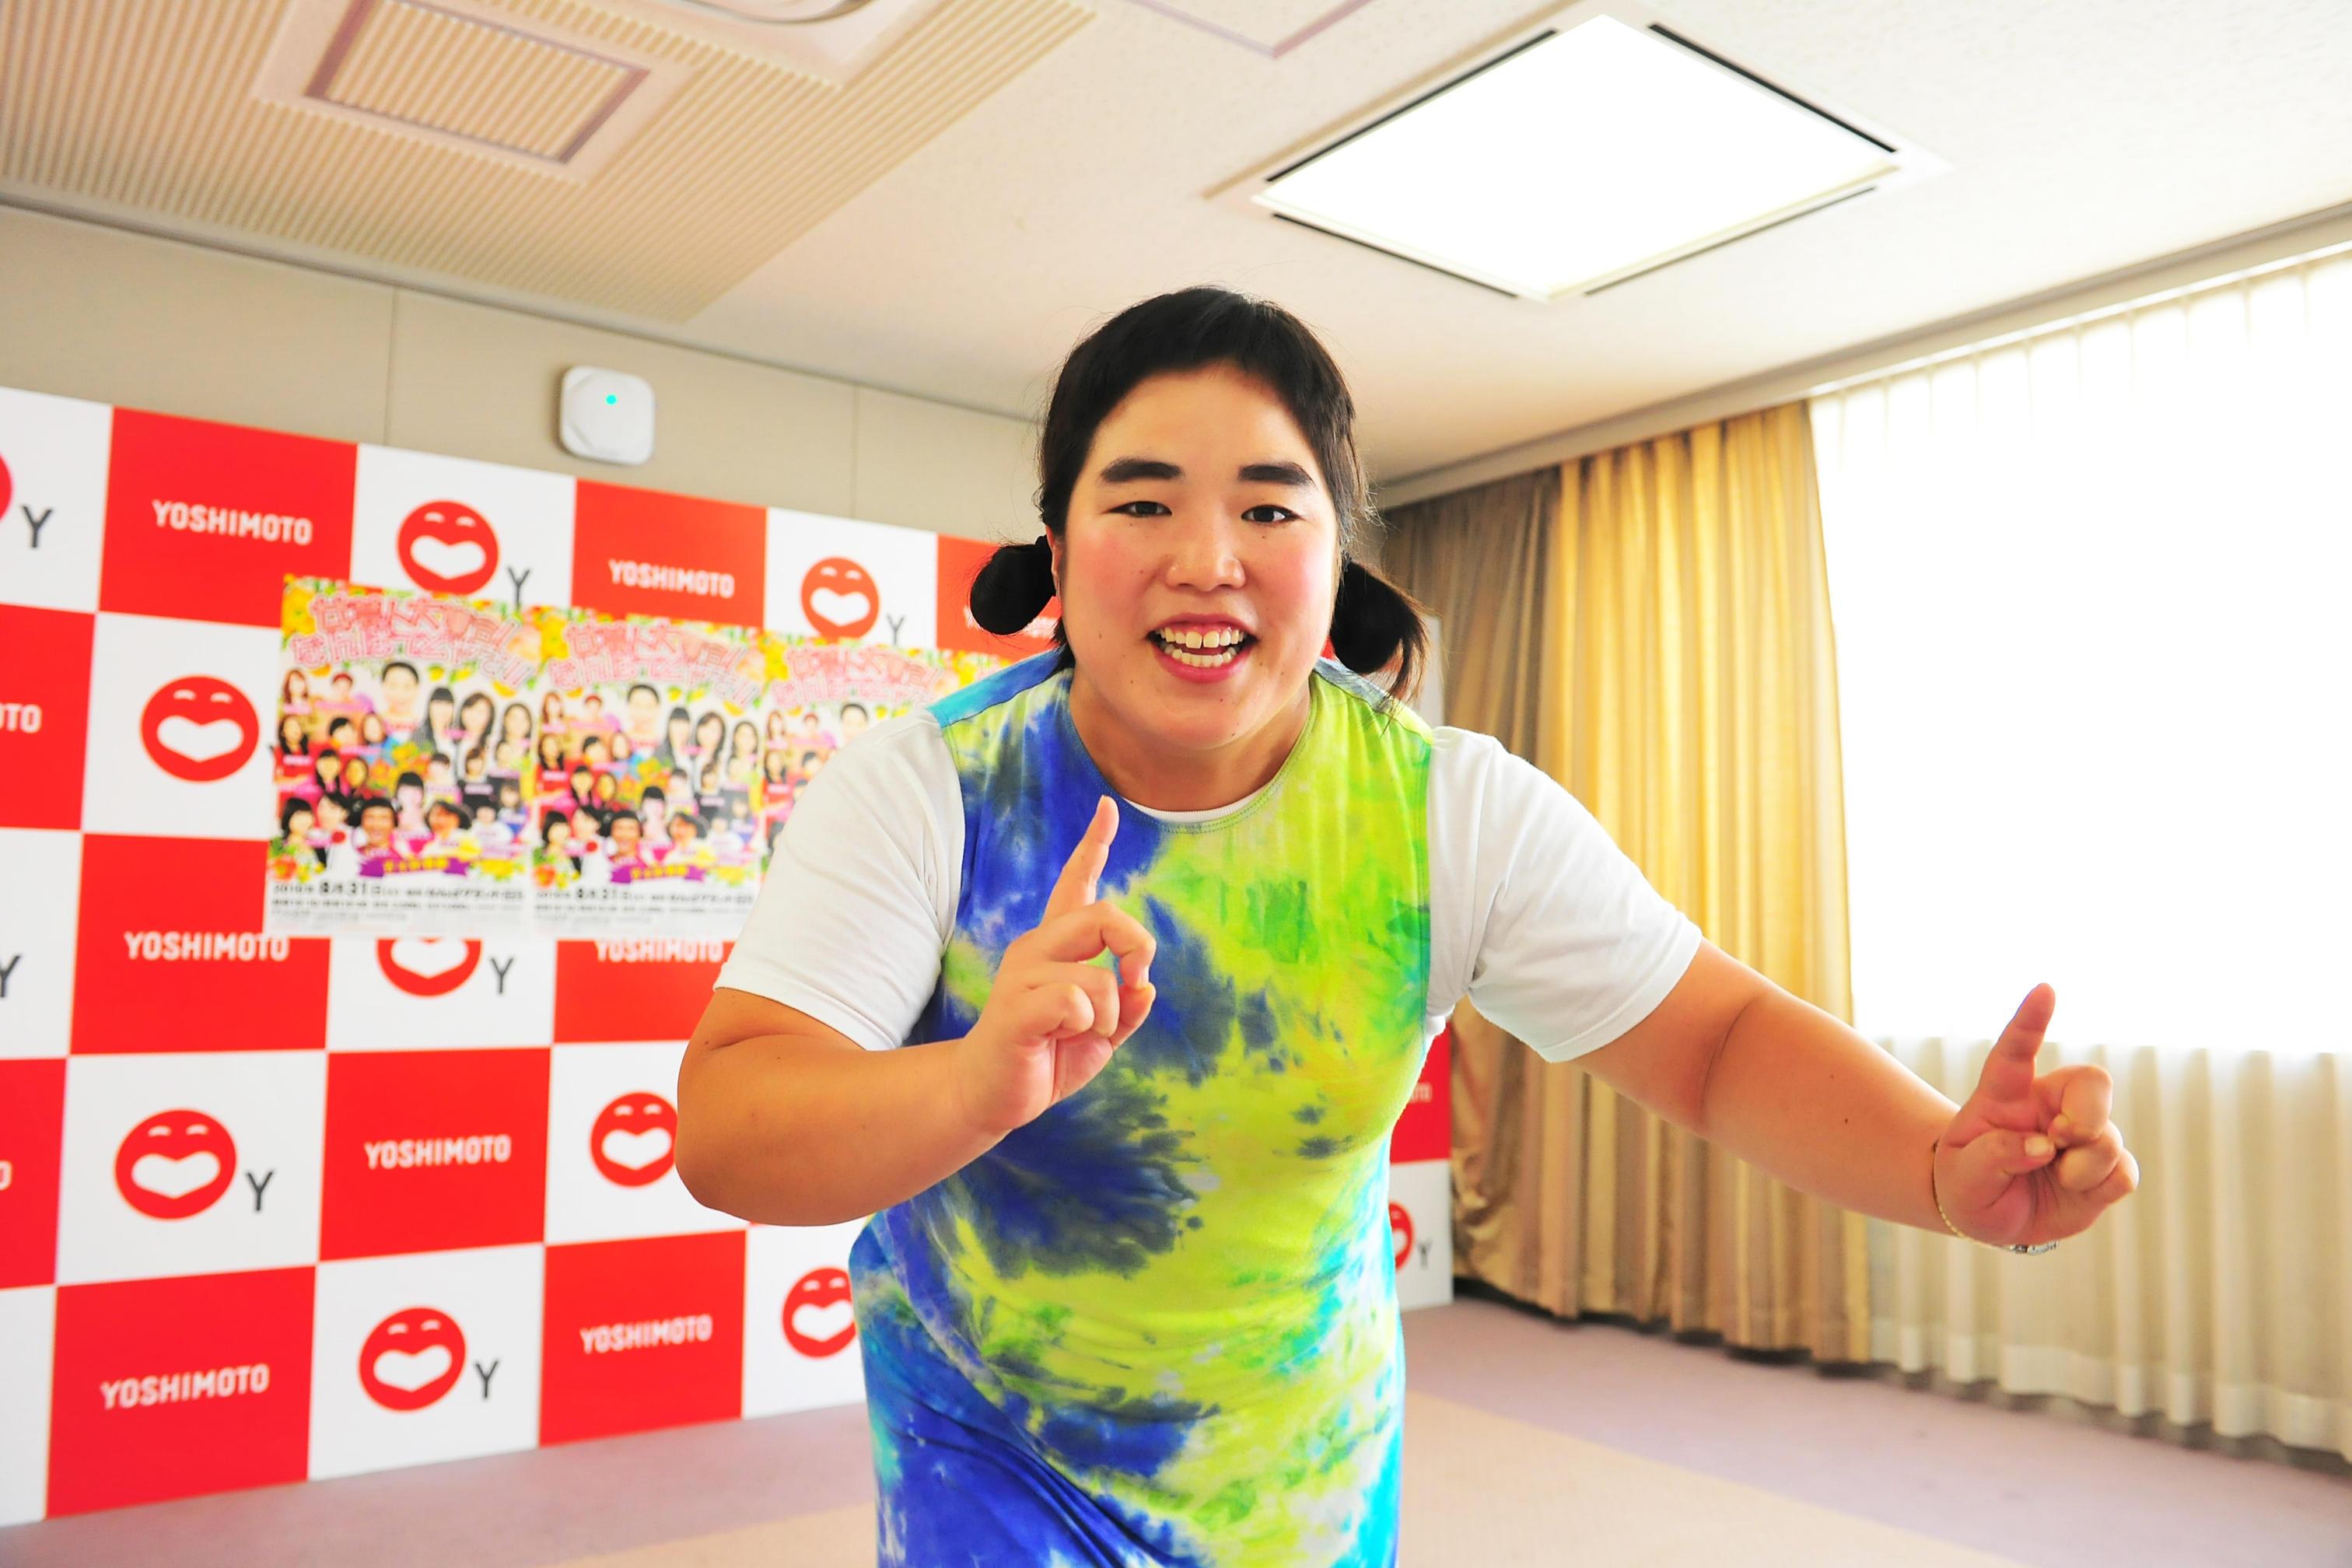 http://news.yoshimoto.co.jp/20160803125016-1a3c737acbfb535831373ca52aba9b5b500b065d.jpg